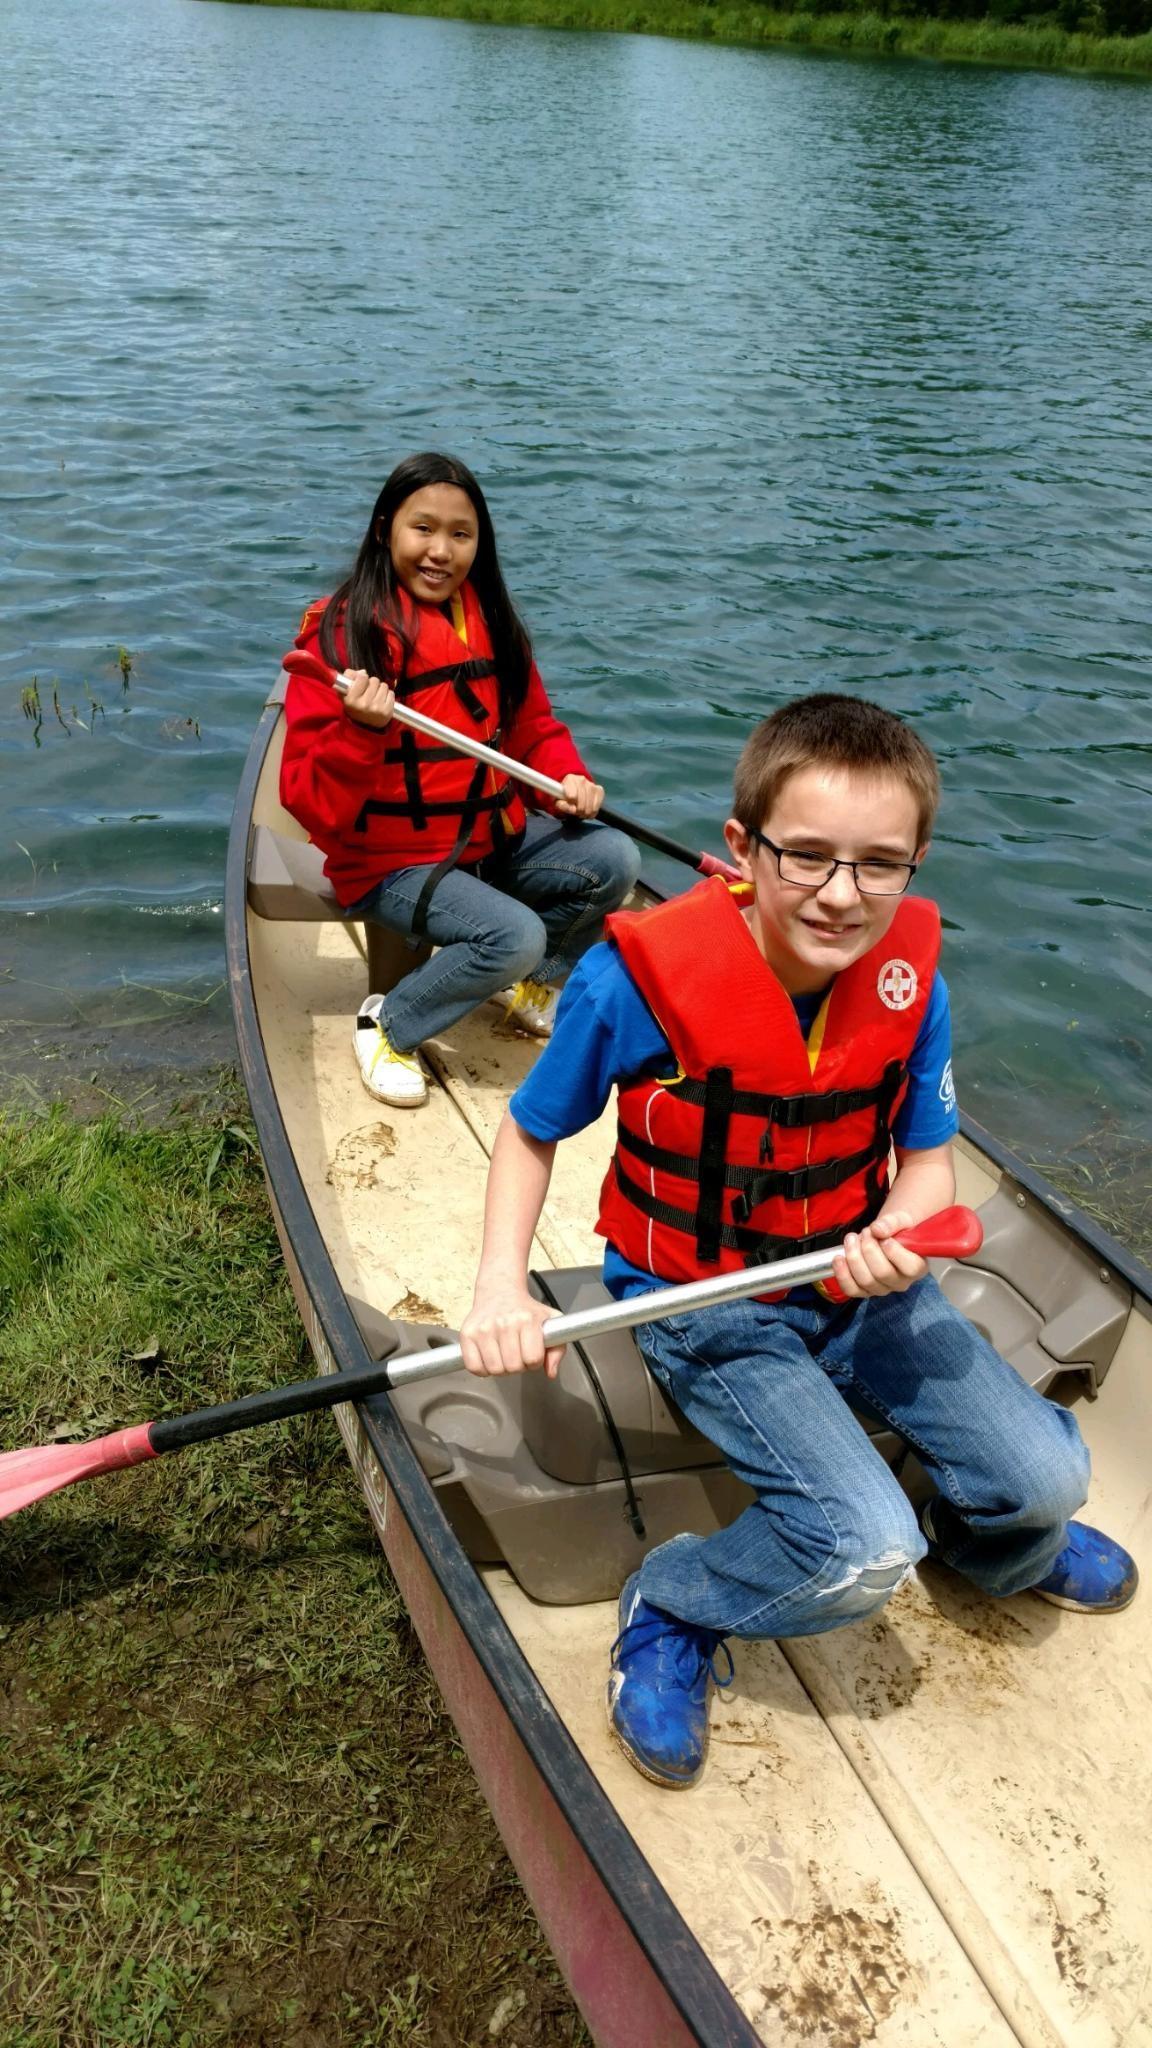 Ready to canoe-let's go!